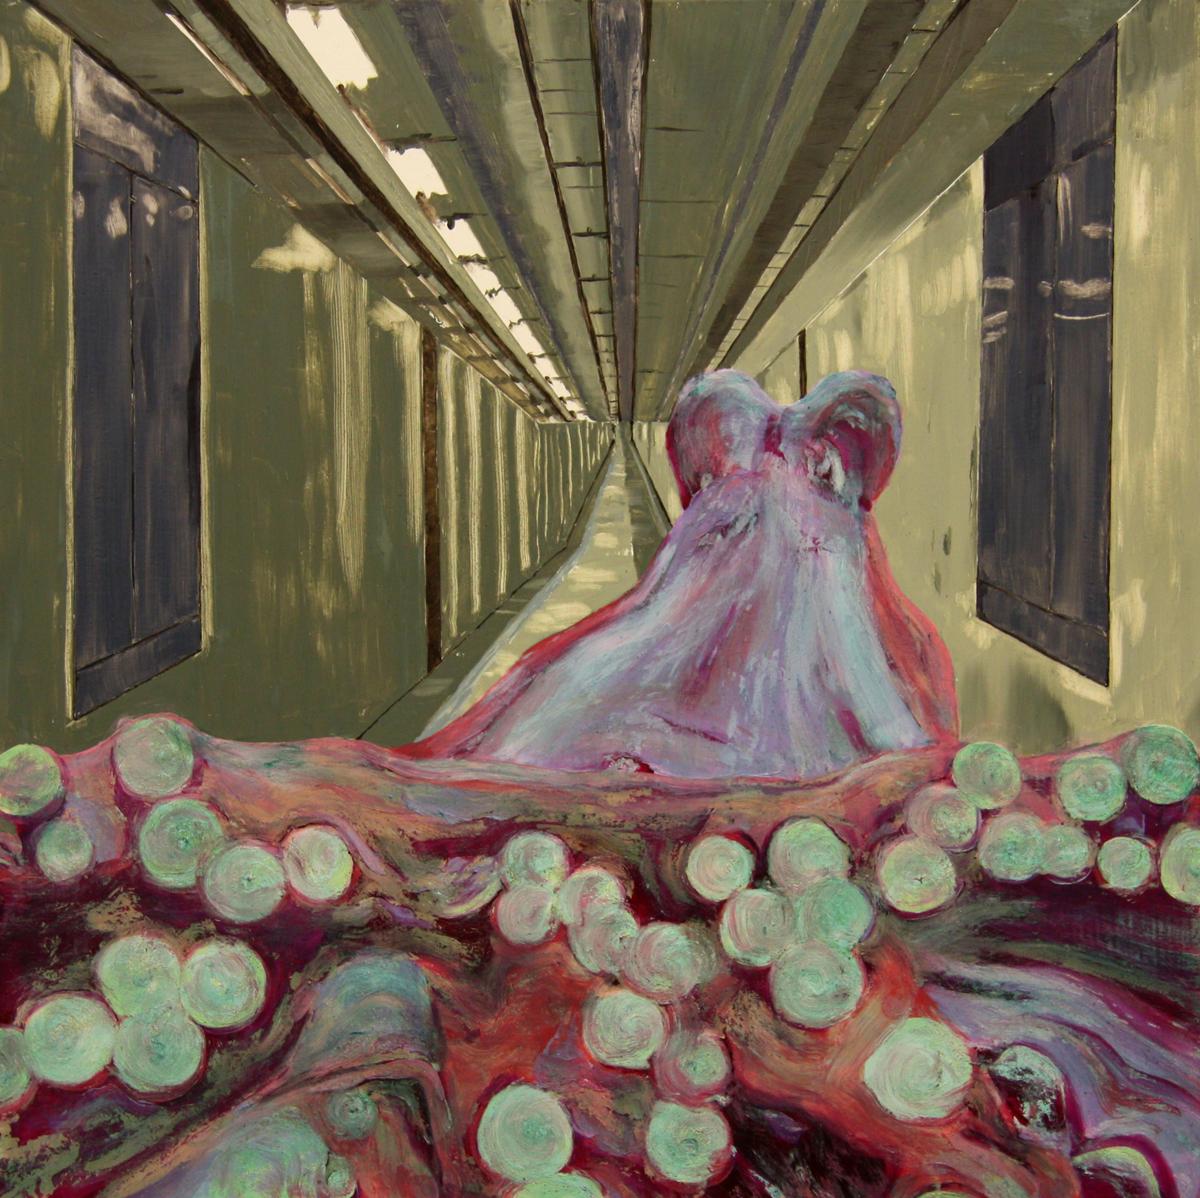 Hey Sucker (2016), Fiona Long, oil on board, 50 x 50 cm